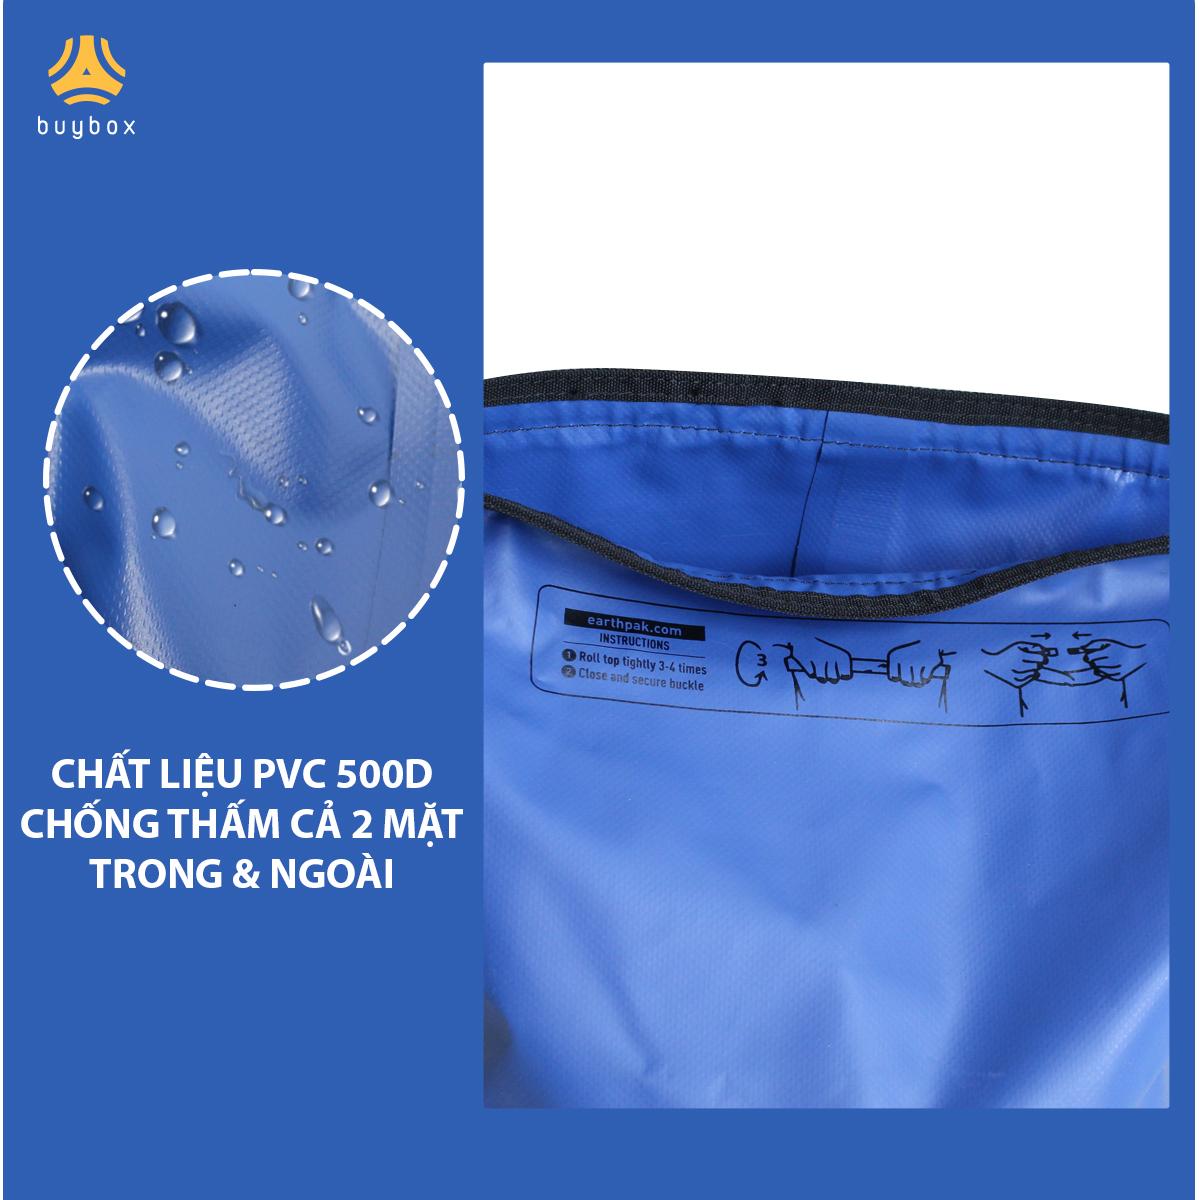 Mặt trong và ngoài của Balo chống nước đi phượt chất liệu 500D PVC sản xuất tại Việt Nam - 10L, 20L, 30L, 40L, 55L - buybox - BBPK161